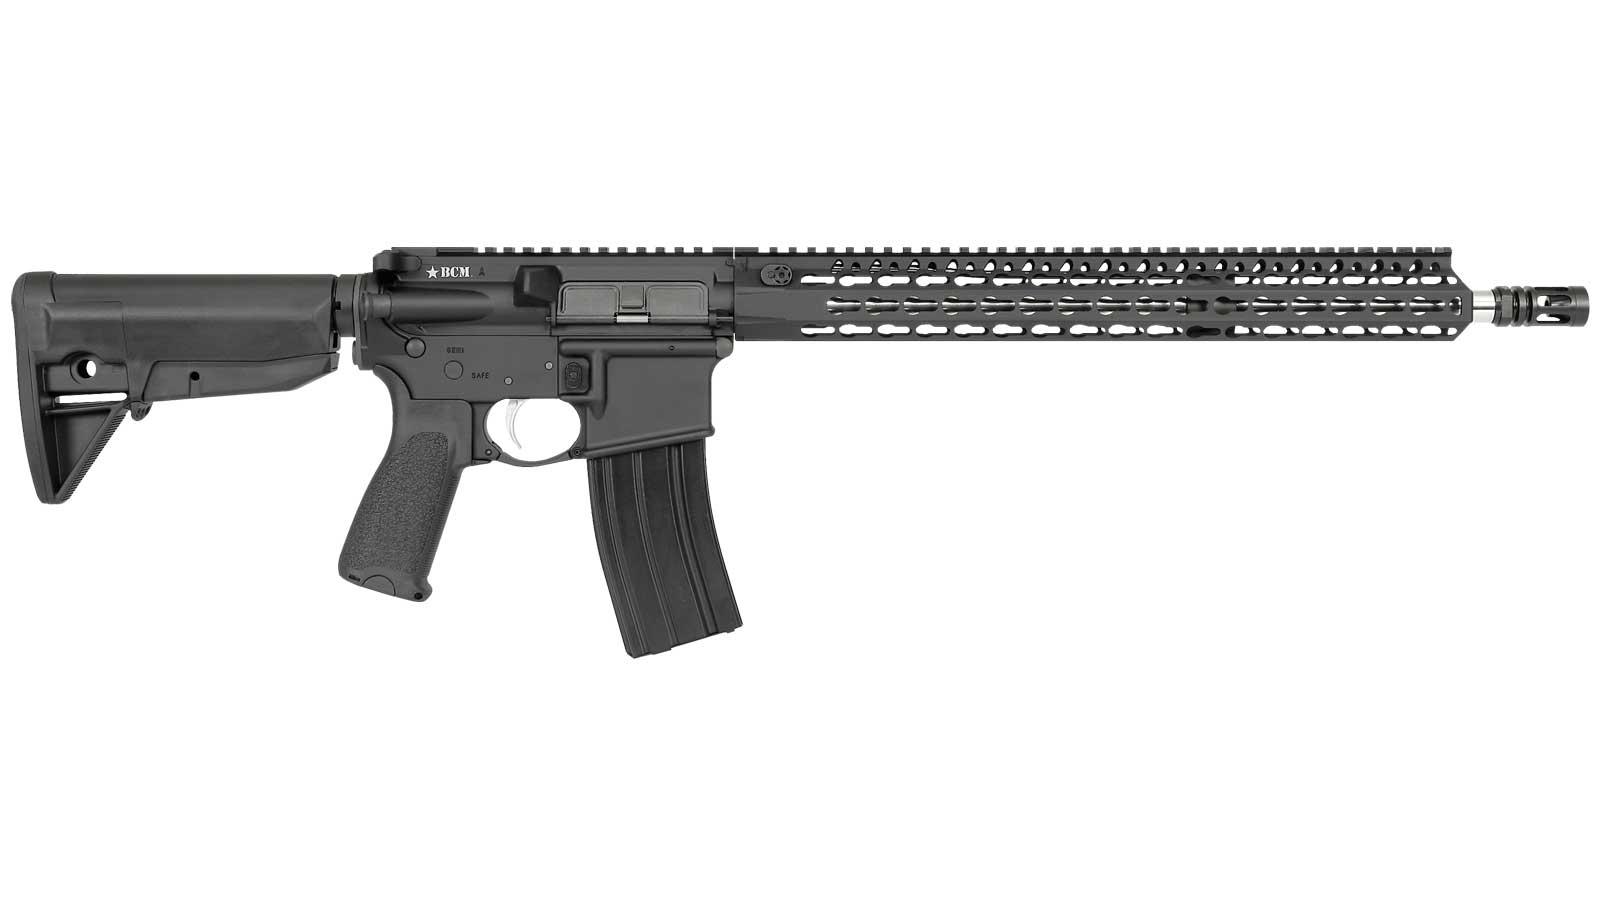 Bravo Company Mfg. Recce KMR-A Black 5.56 16-Inch 30Rd